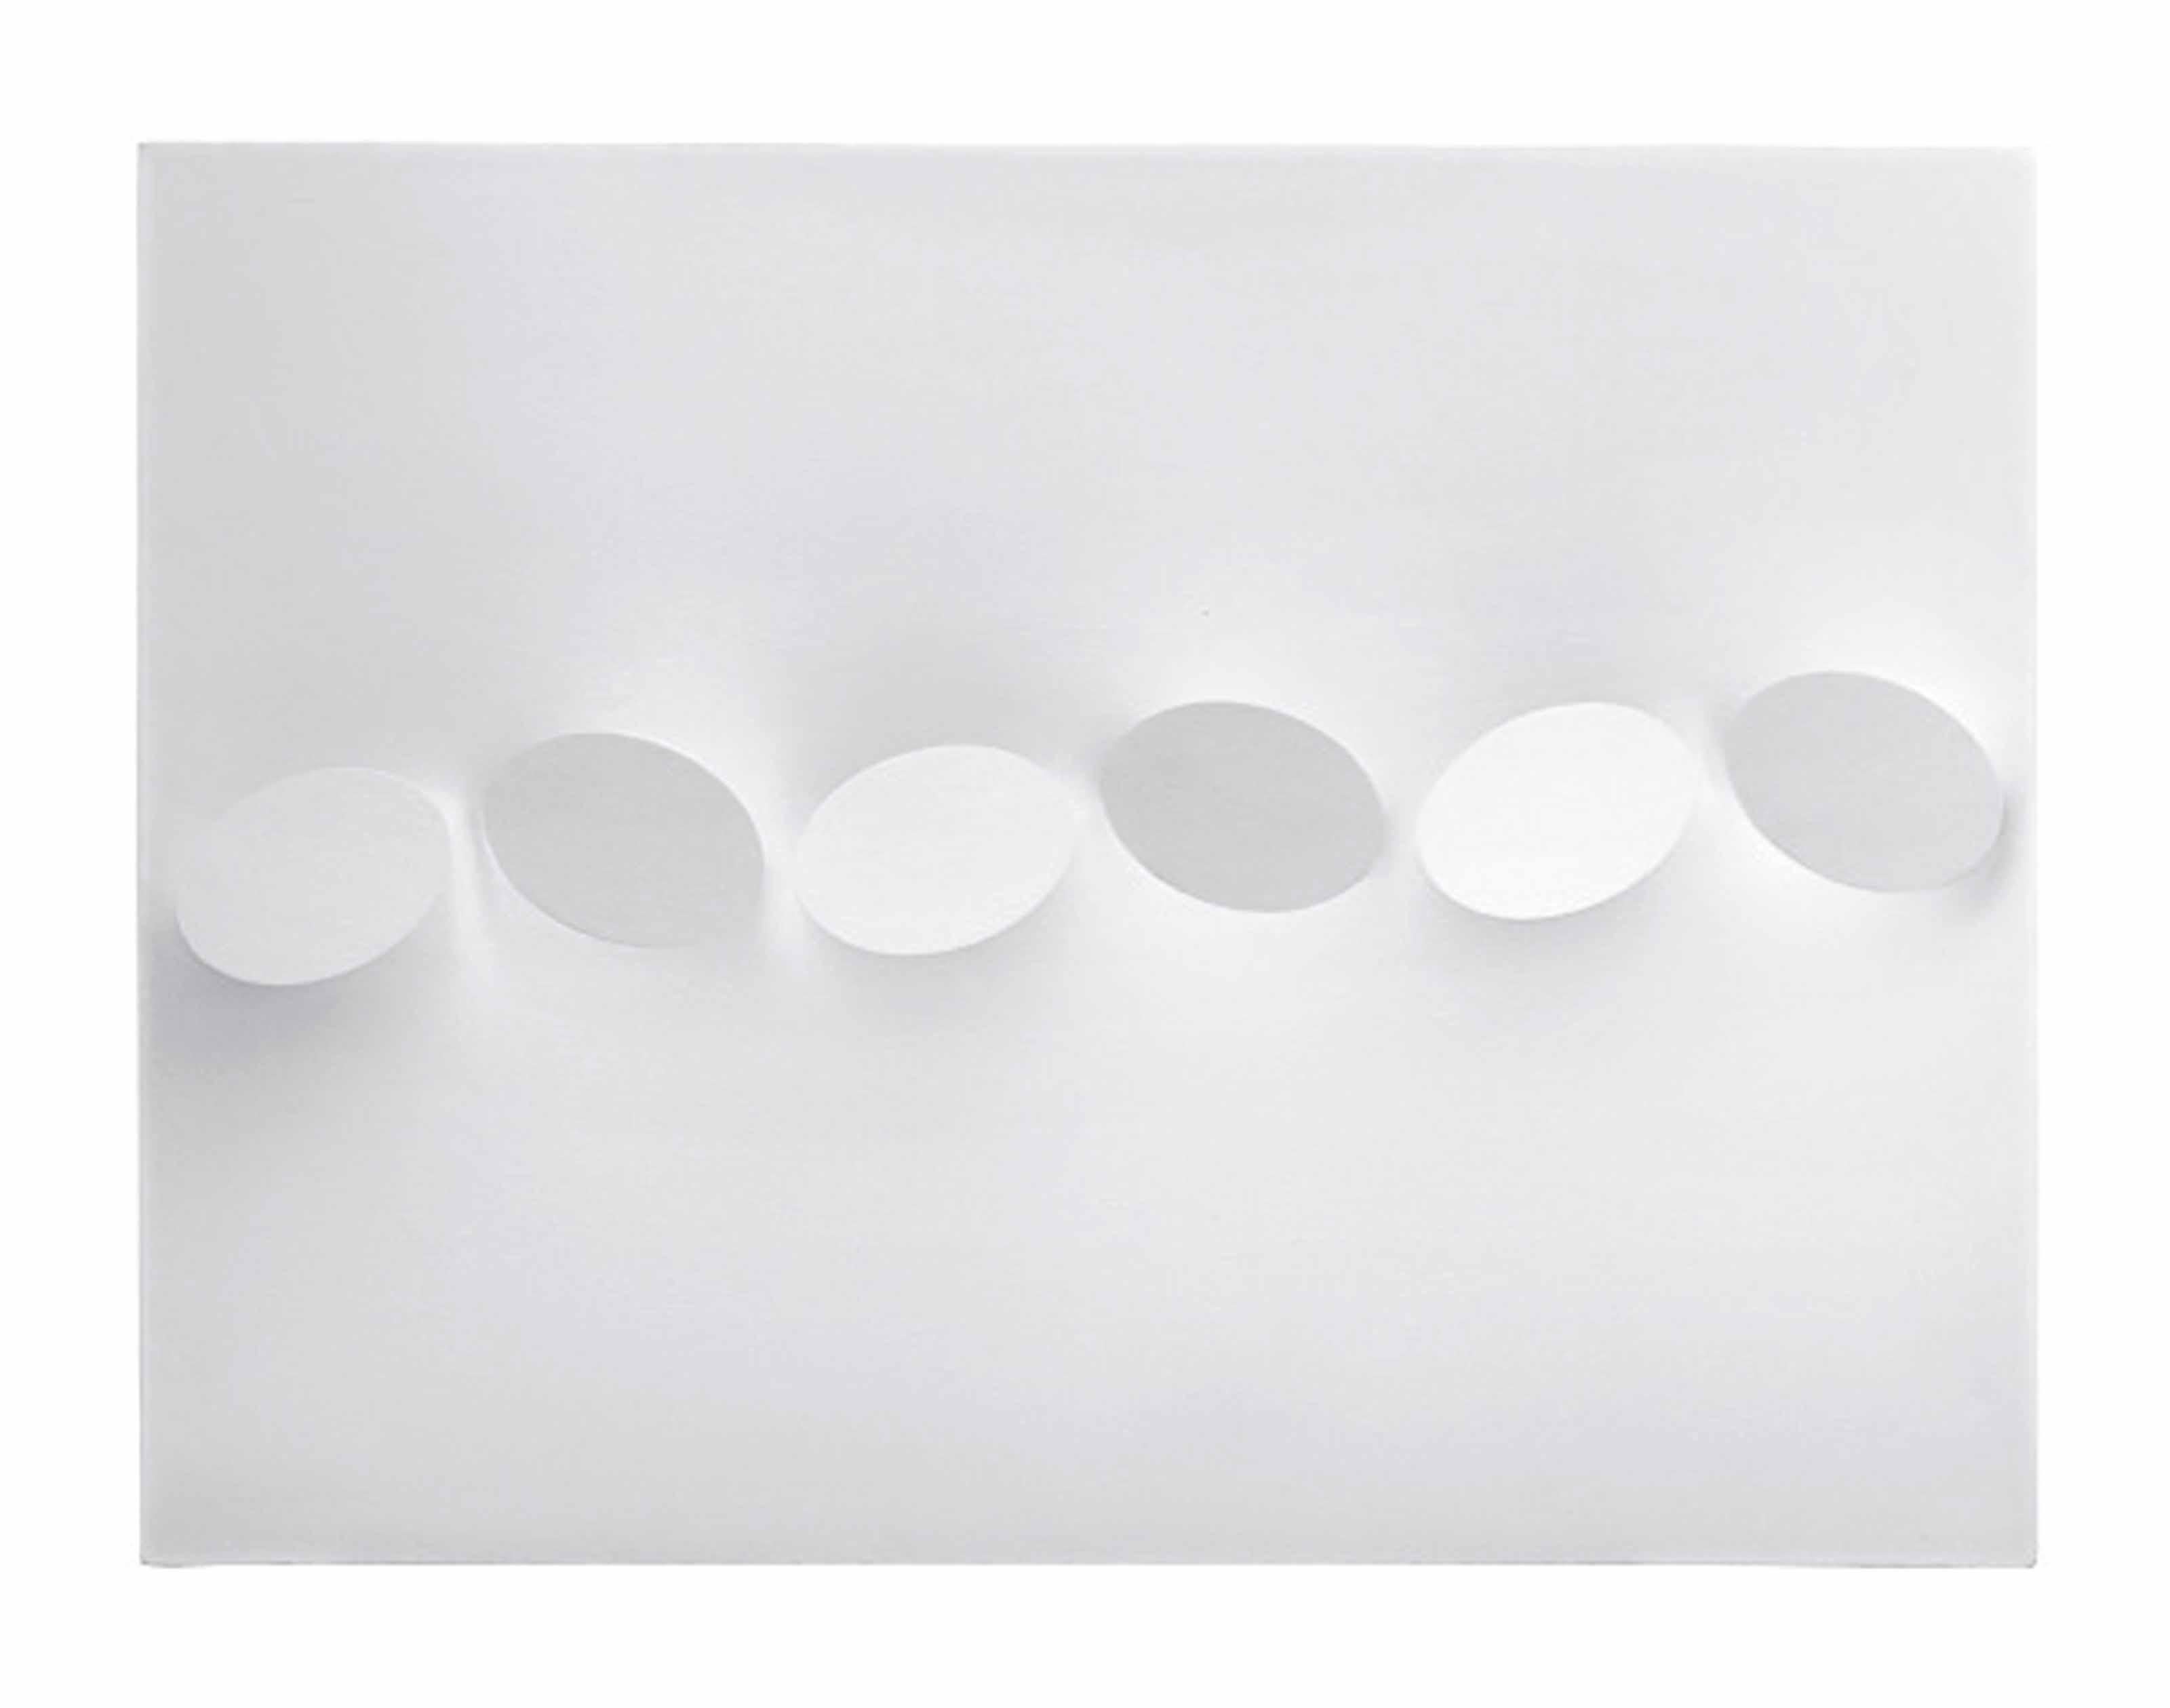 Sei ovali in bianco (Six Ovals in White)